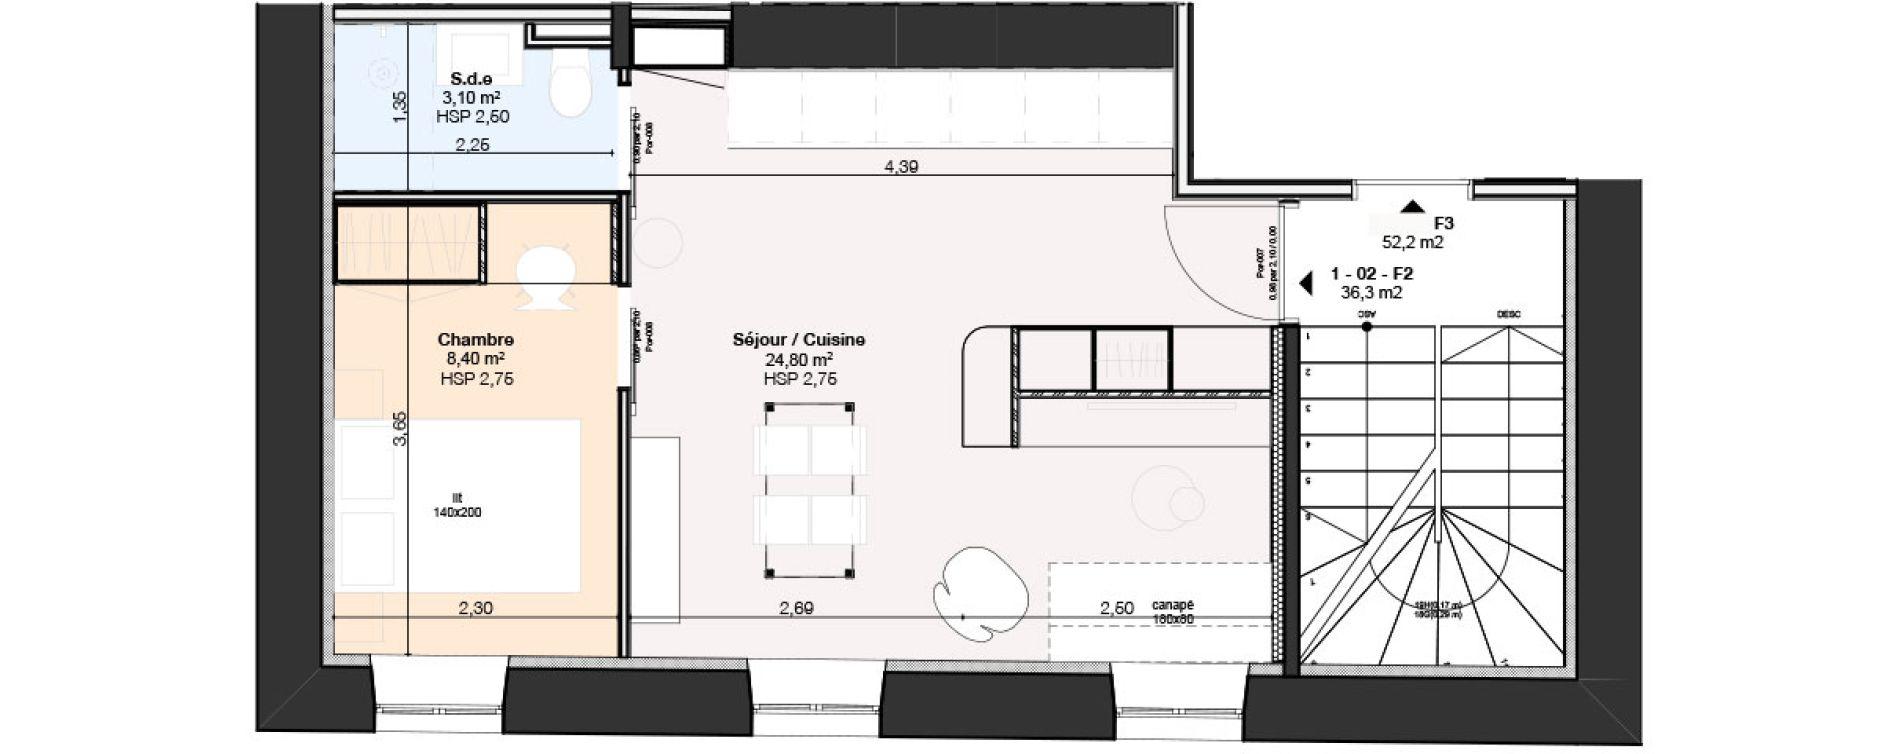 Appartement T2 de 36,30 m2 à Nancy Rives de meurthe